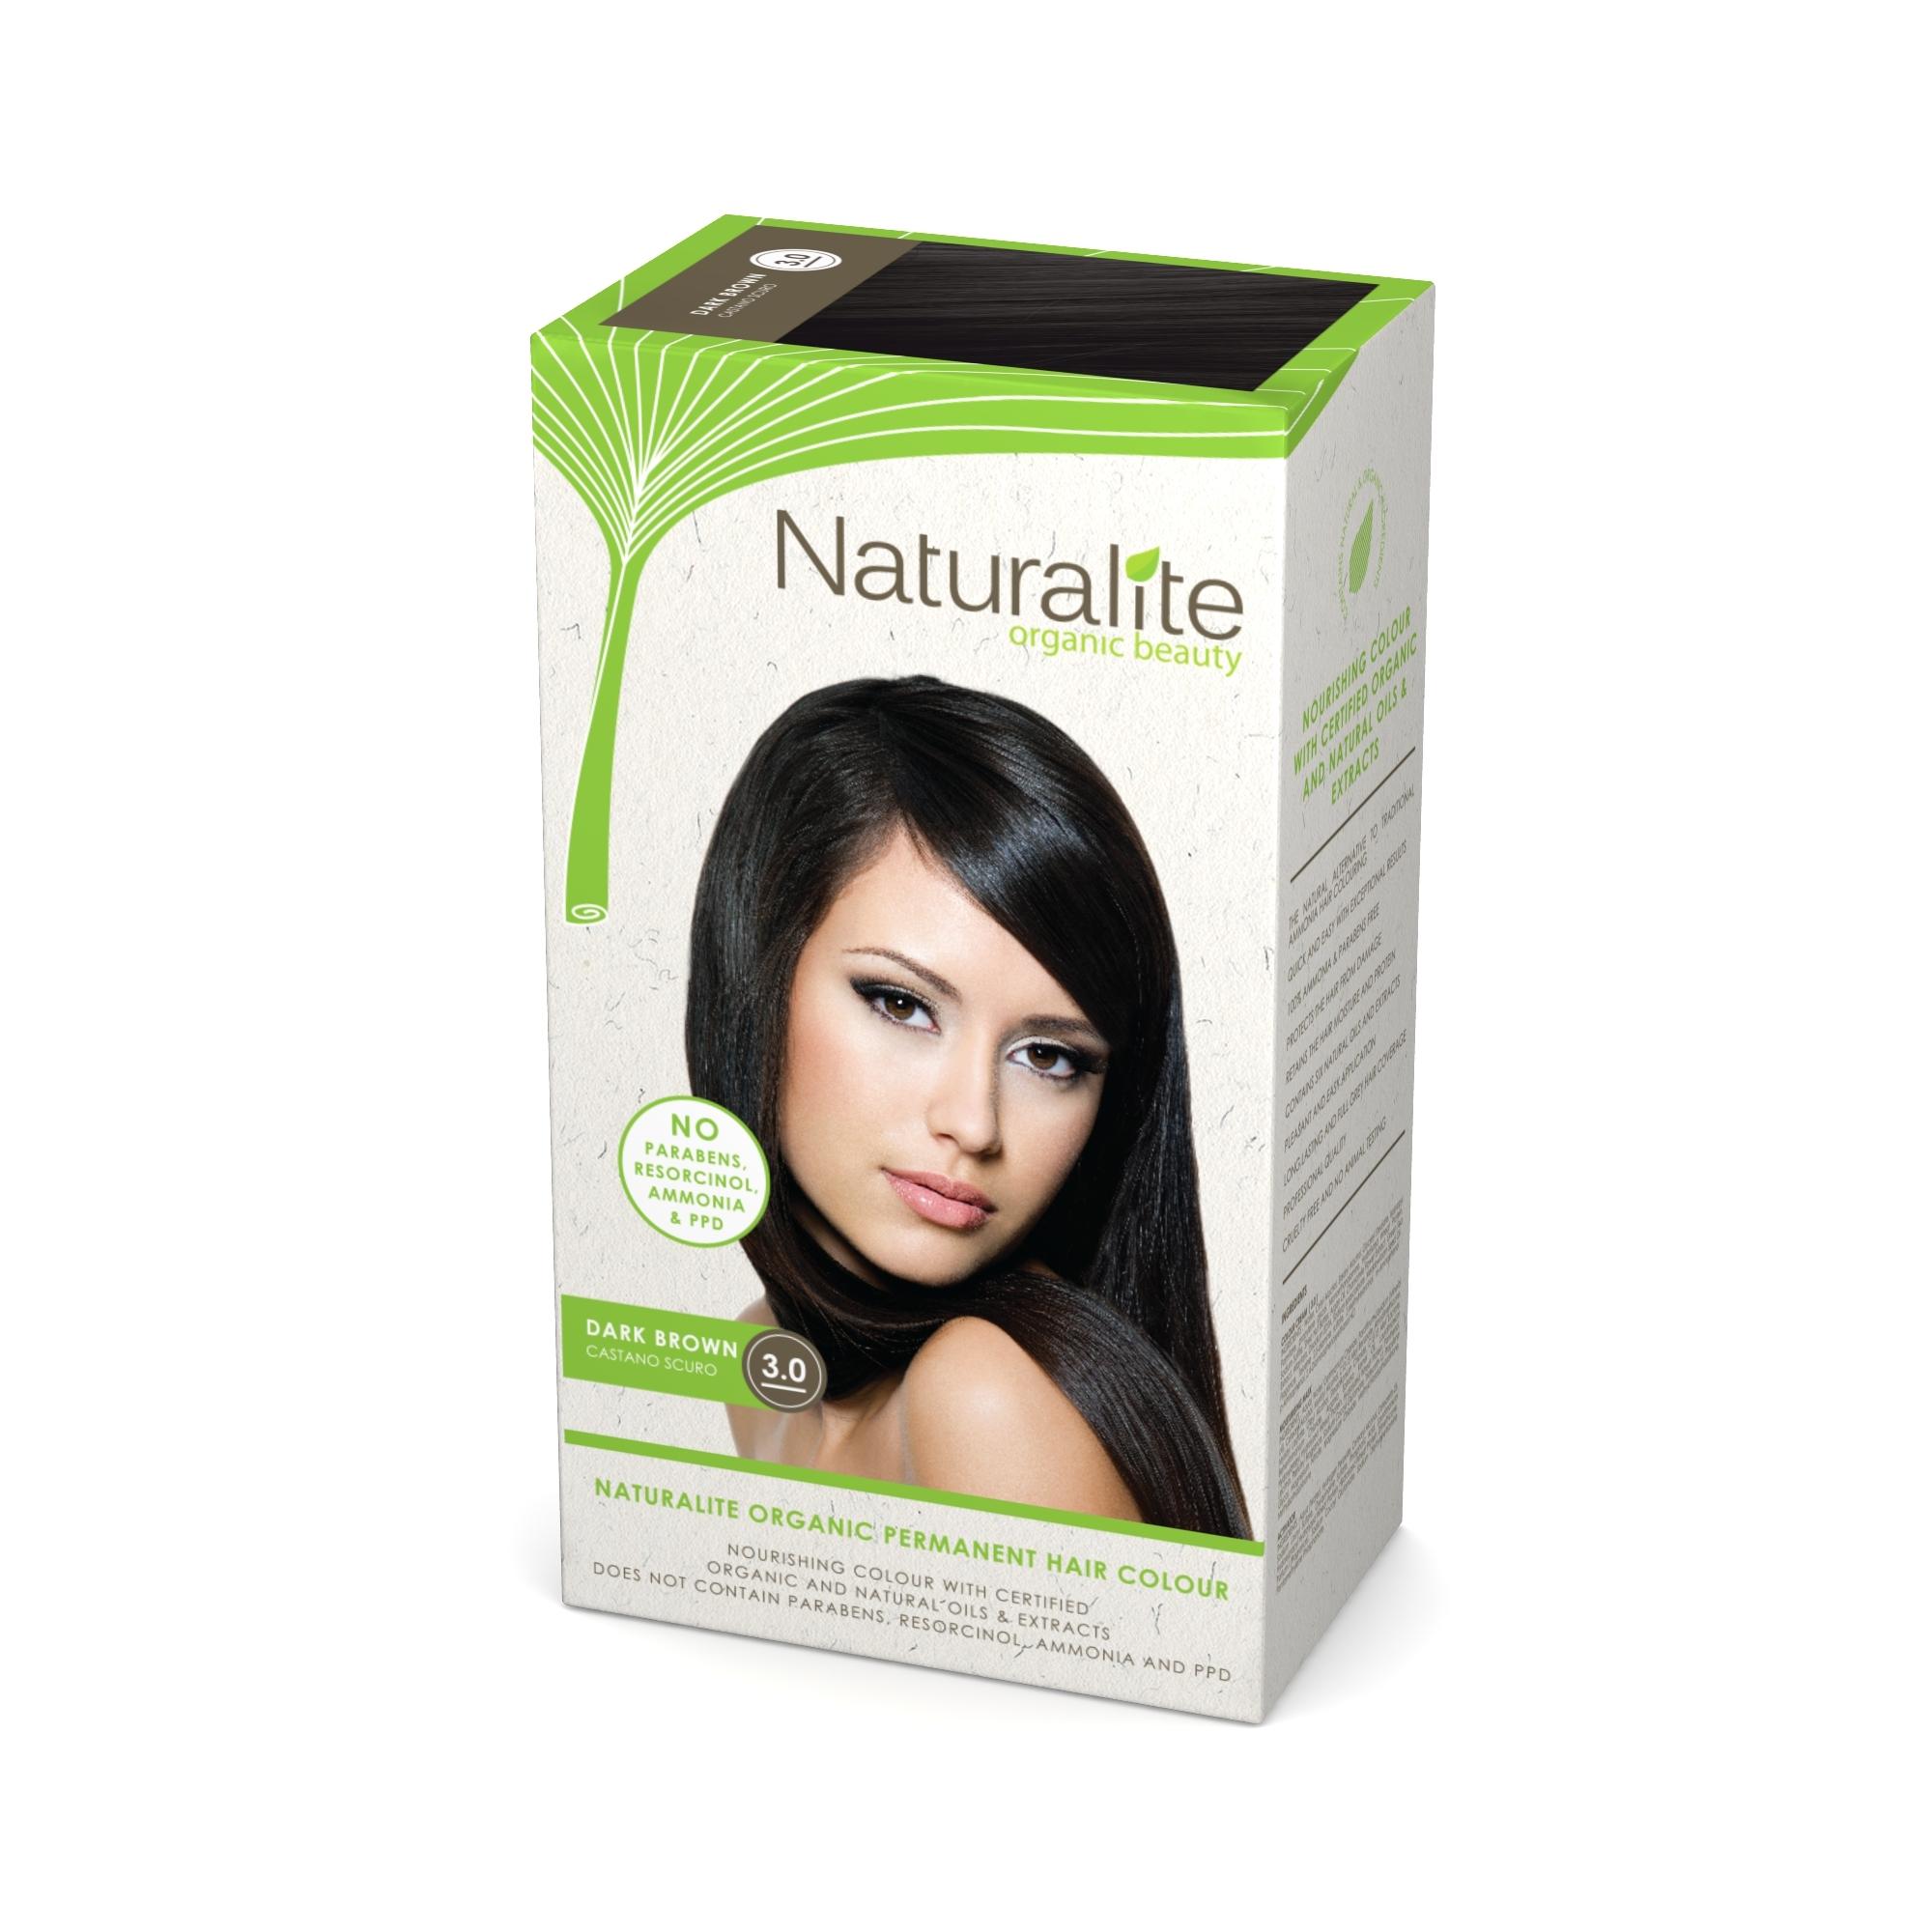 Naturalite_30.jpg